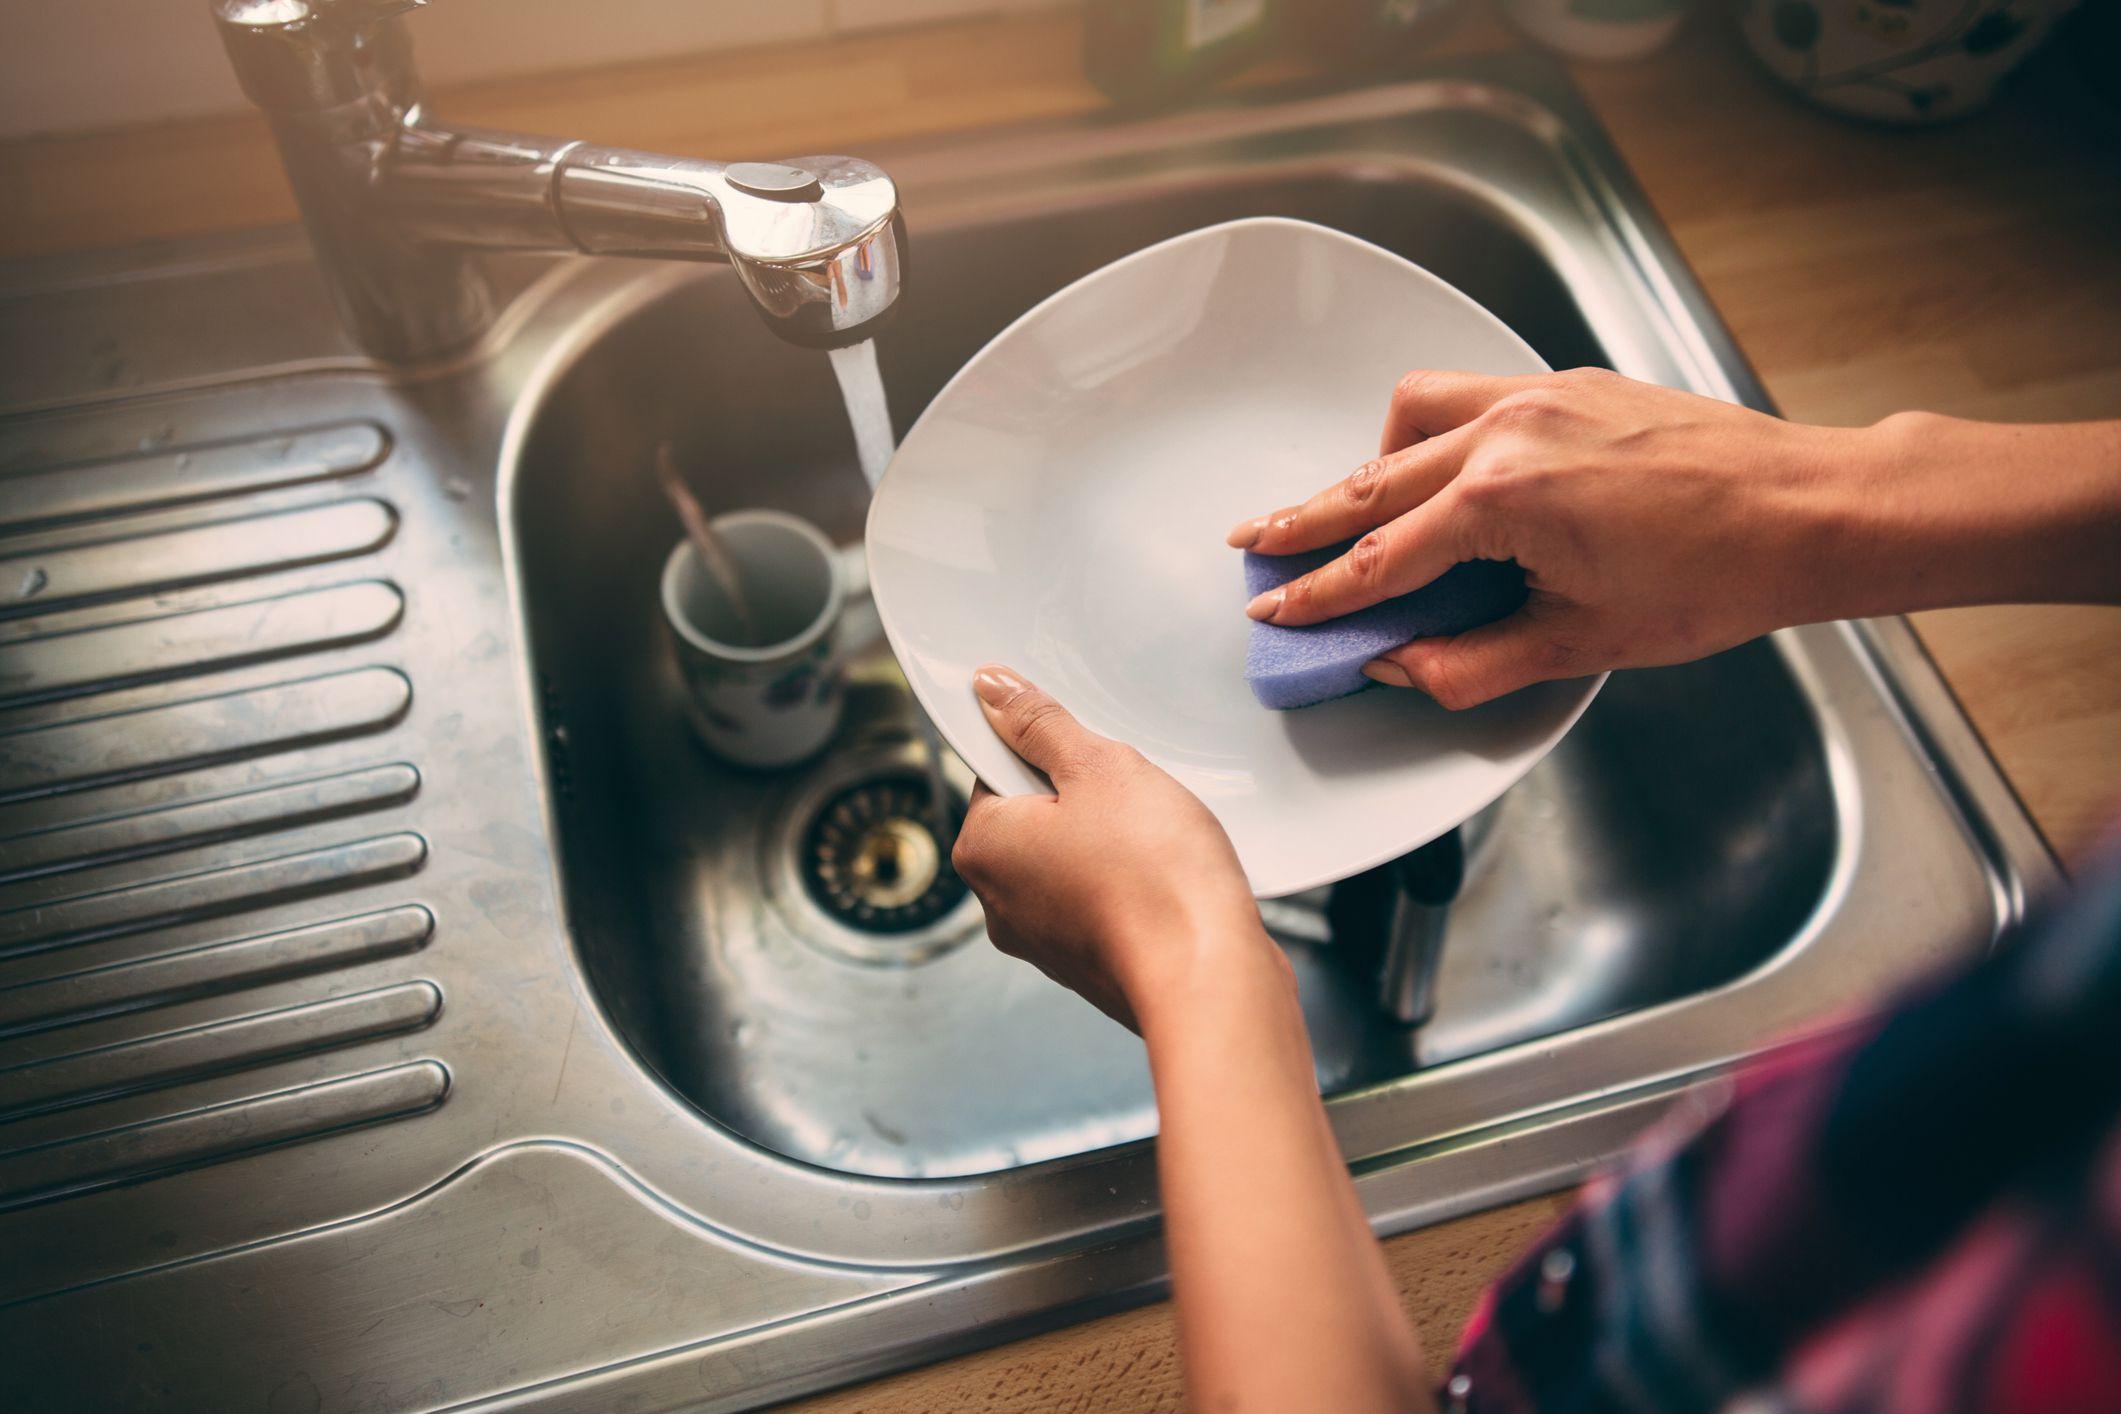 Мытьё посуды и ваше здоровье